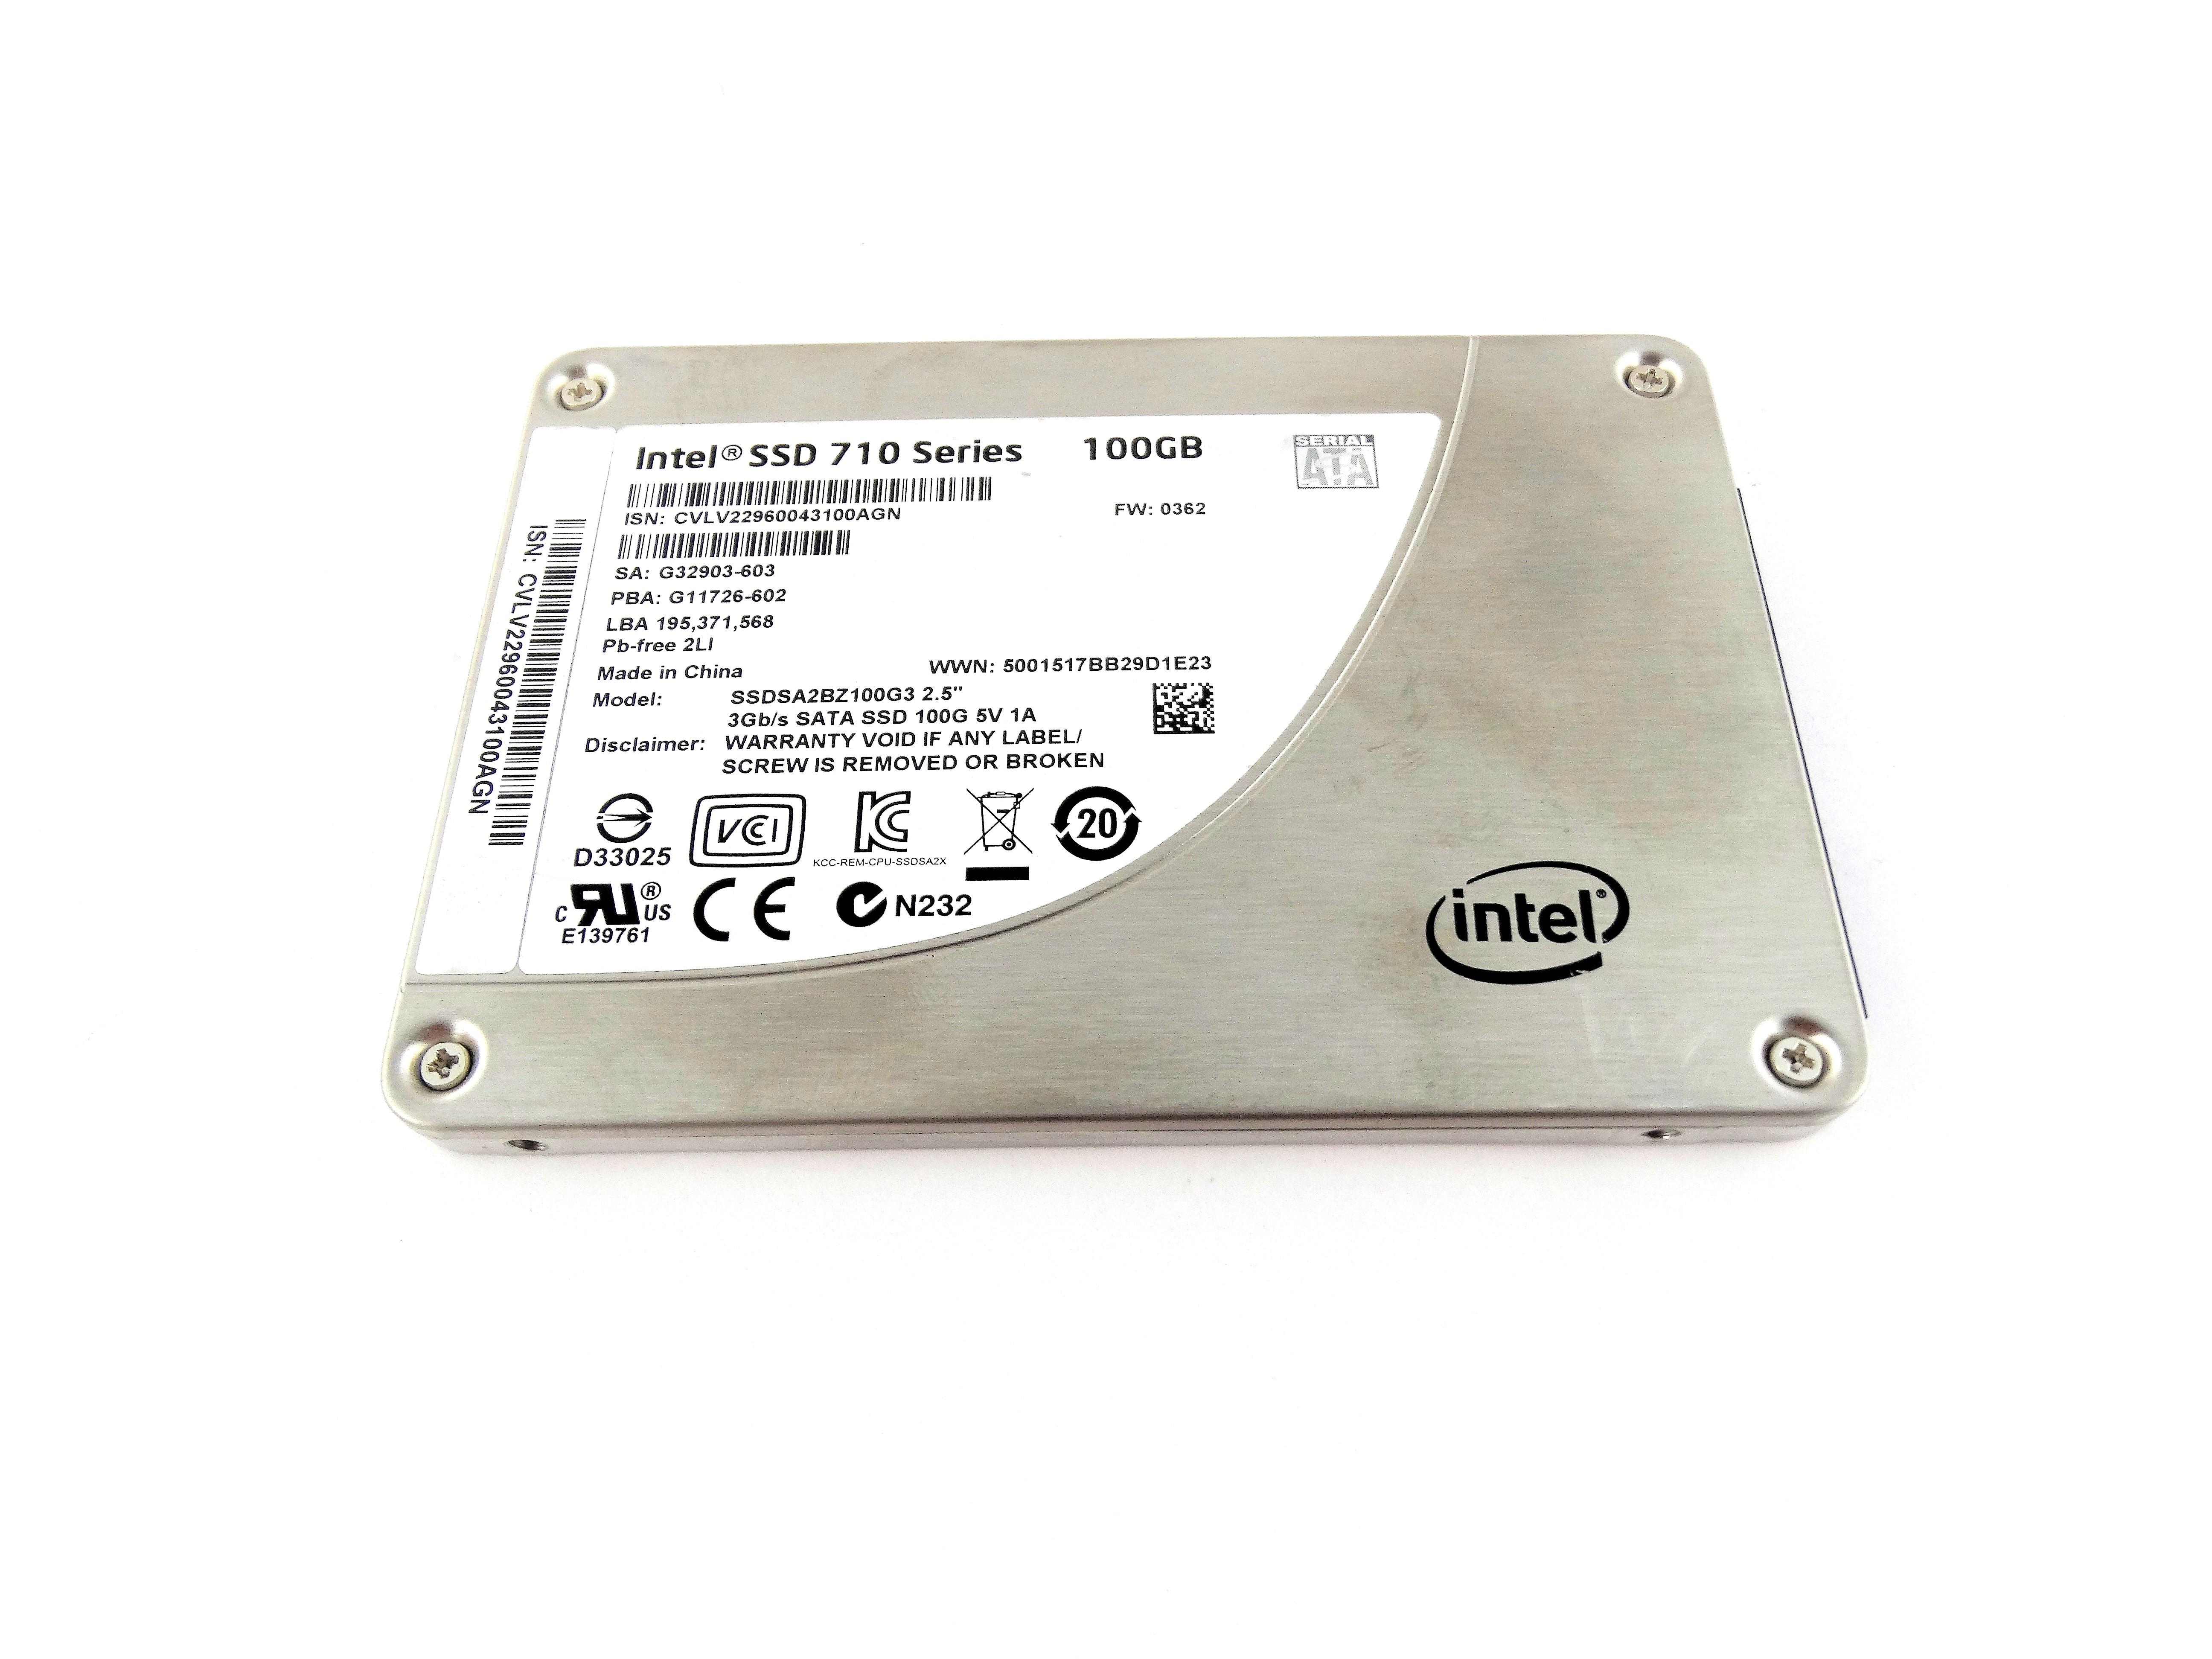 Intel SSD 710 100GB 3Gbps SATA 2.5'' Solid State Drive (SSDSA2BZ100G3)